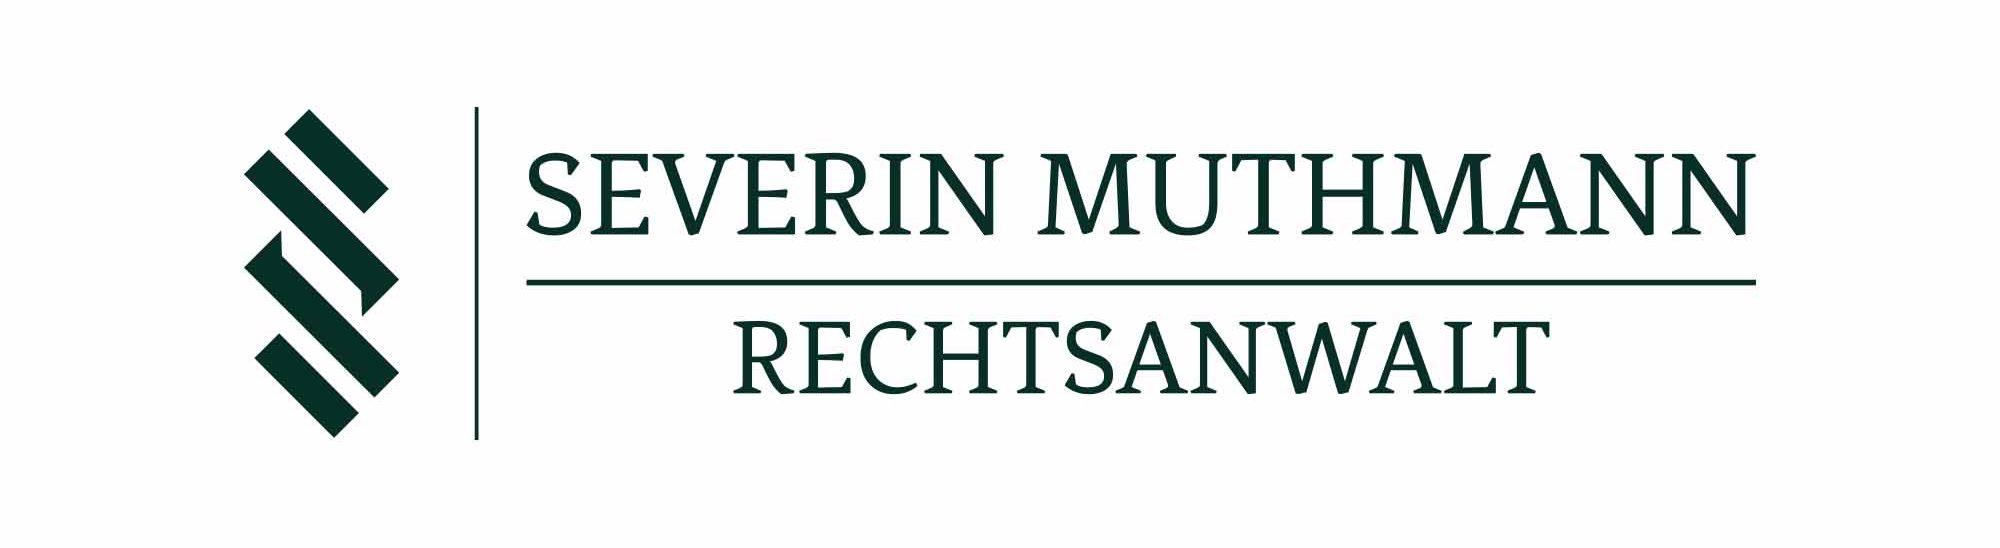 Severin Muthmann